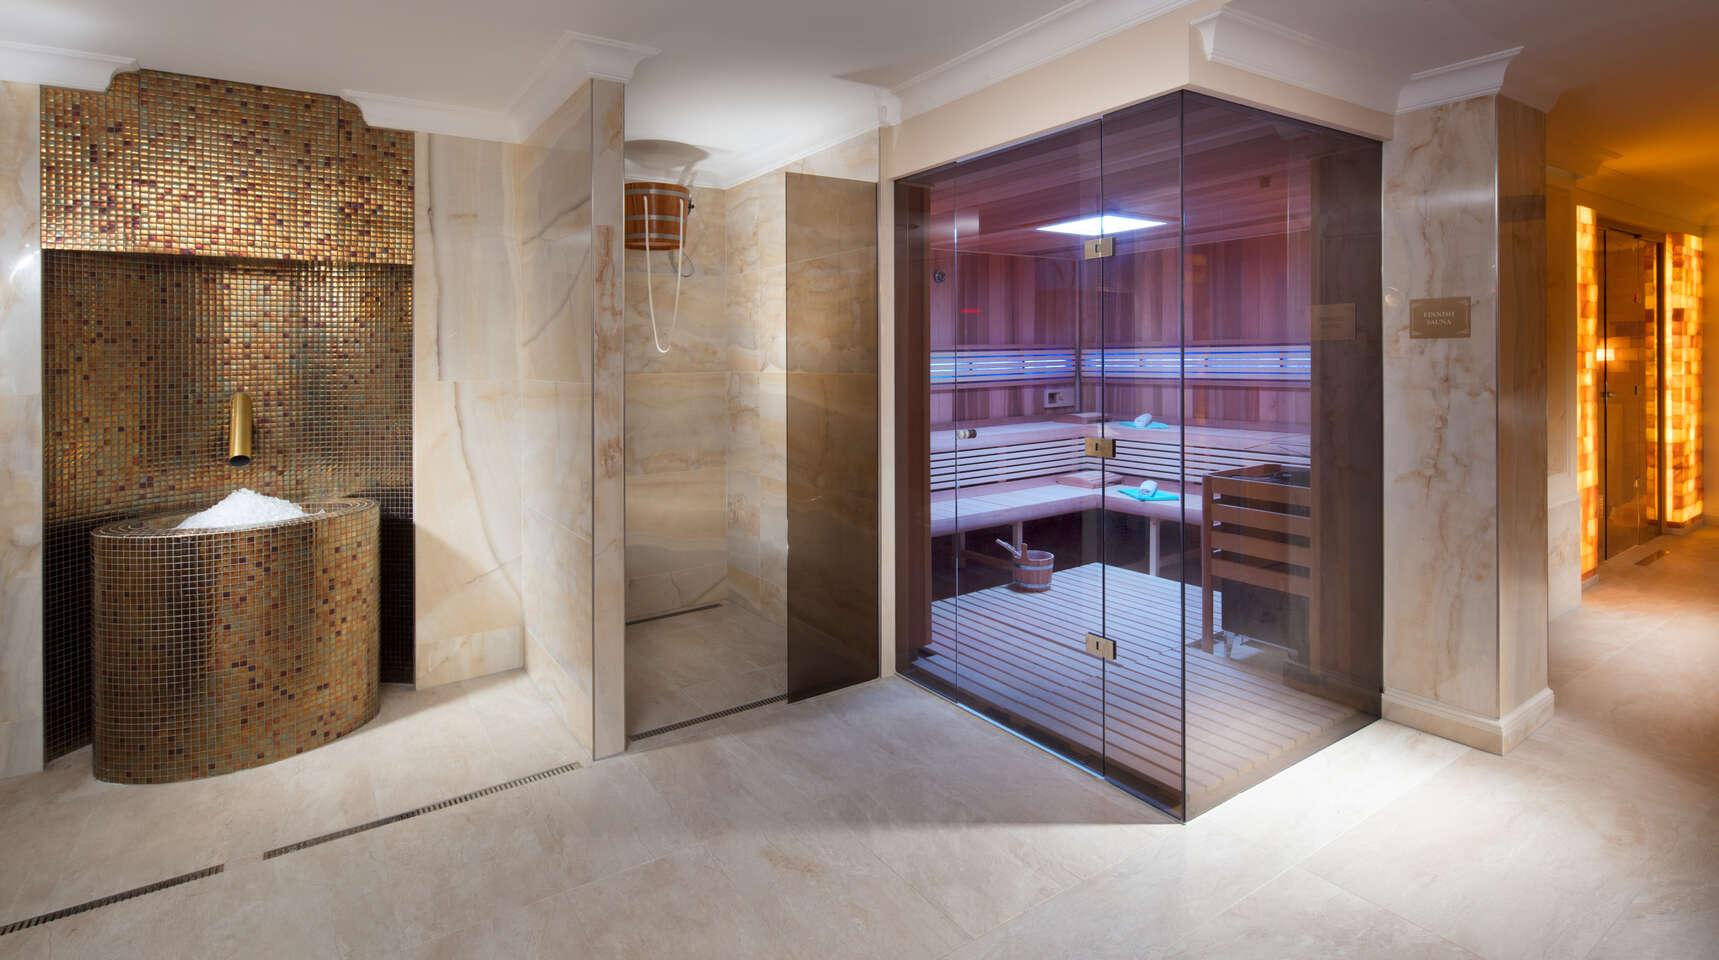 Již od února na wellness pobytu v hotelu Chateau Monty Spa resort **** v Mariánských Lázních s polopenzí i procedurami dle variant až do prosince 2021